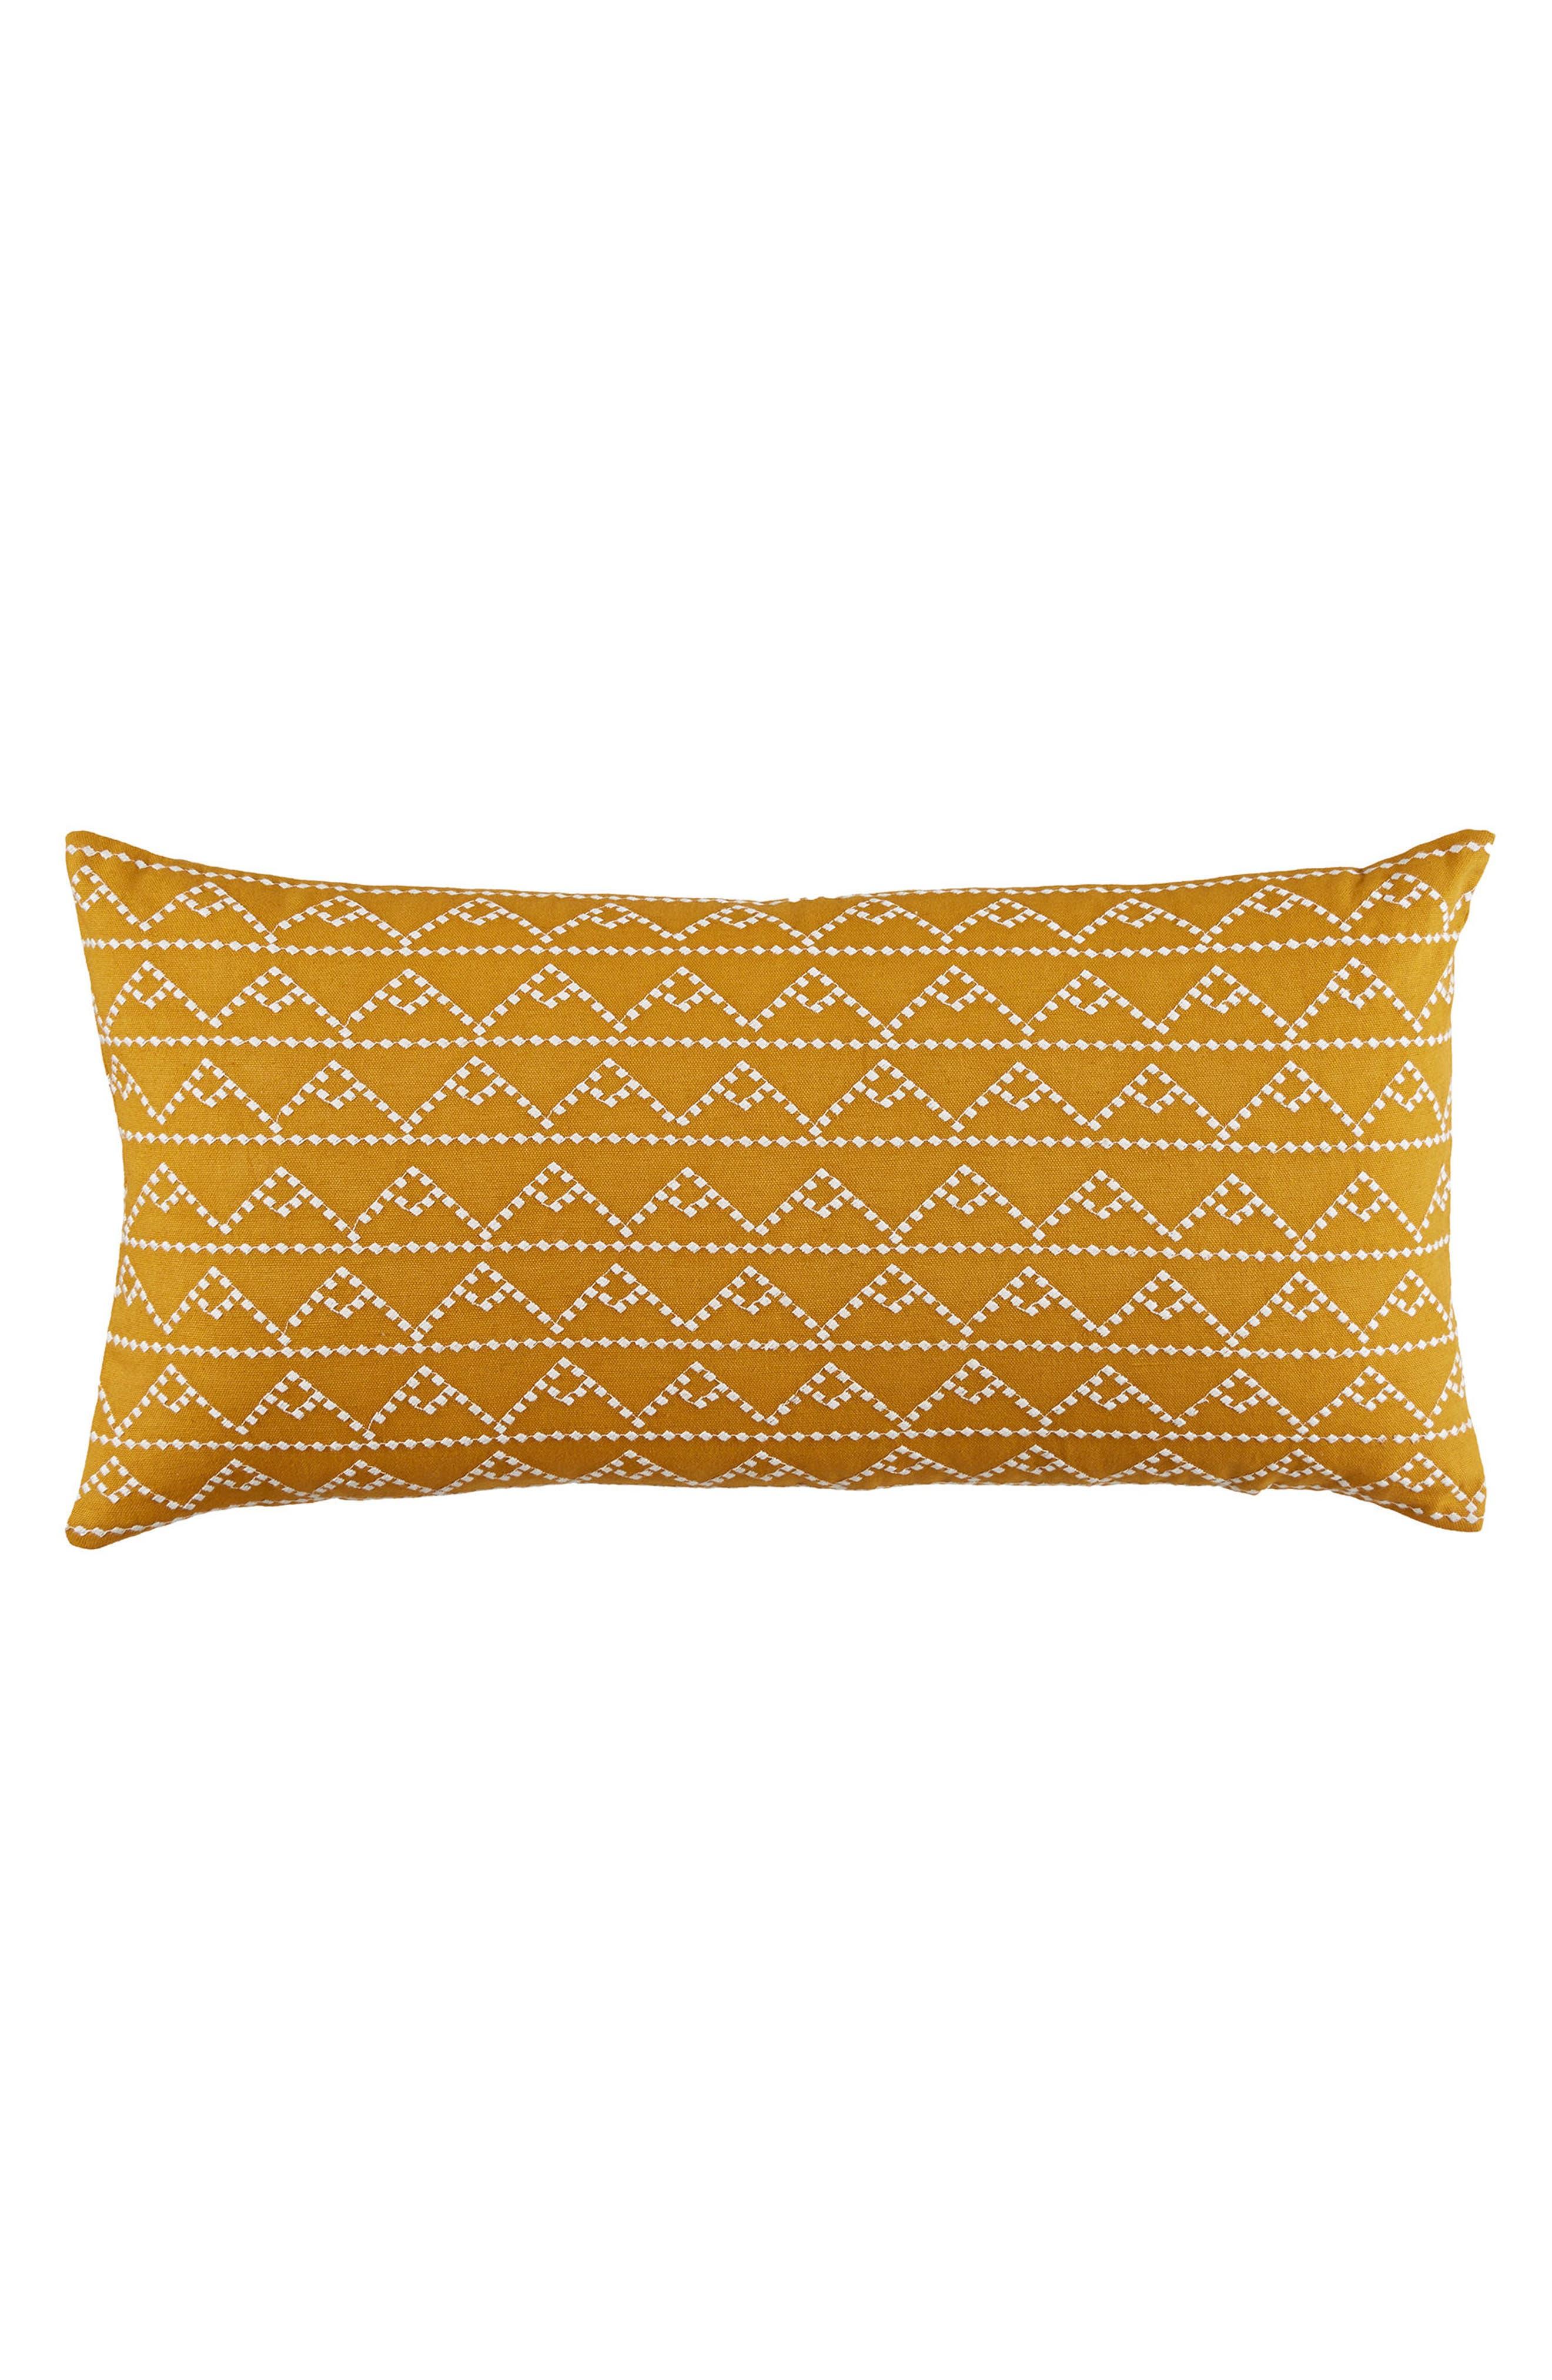 DwellStudio Modern Pyramid Accent Pillow